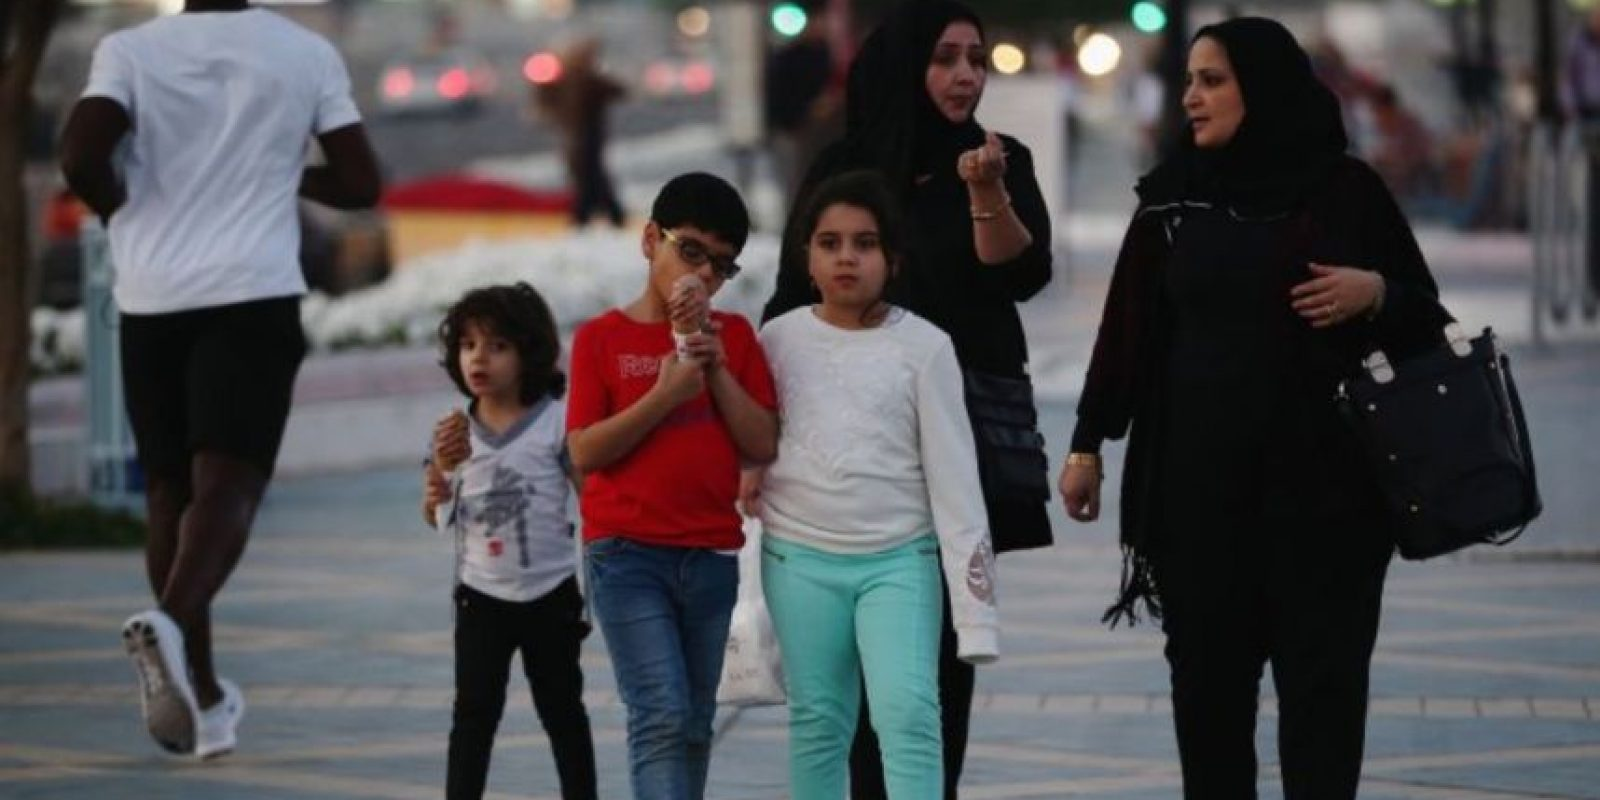 El incidente sucedió mientras la familia descansaba en la playa. El coronel Ahmed Burqibah, director adjunto del Departamento de Rescate de Dubái, aseguró que el padre de la joven prefirió que su hija falleciera a que fuera tocada por alguno de los salvavidas. Foto:Getty Images